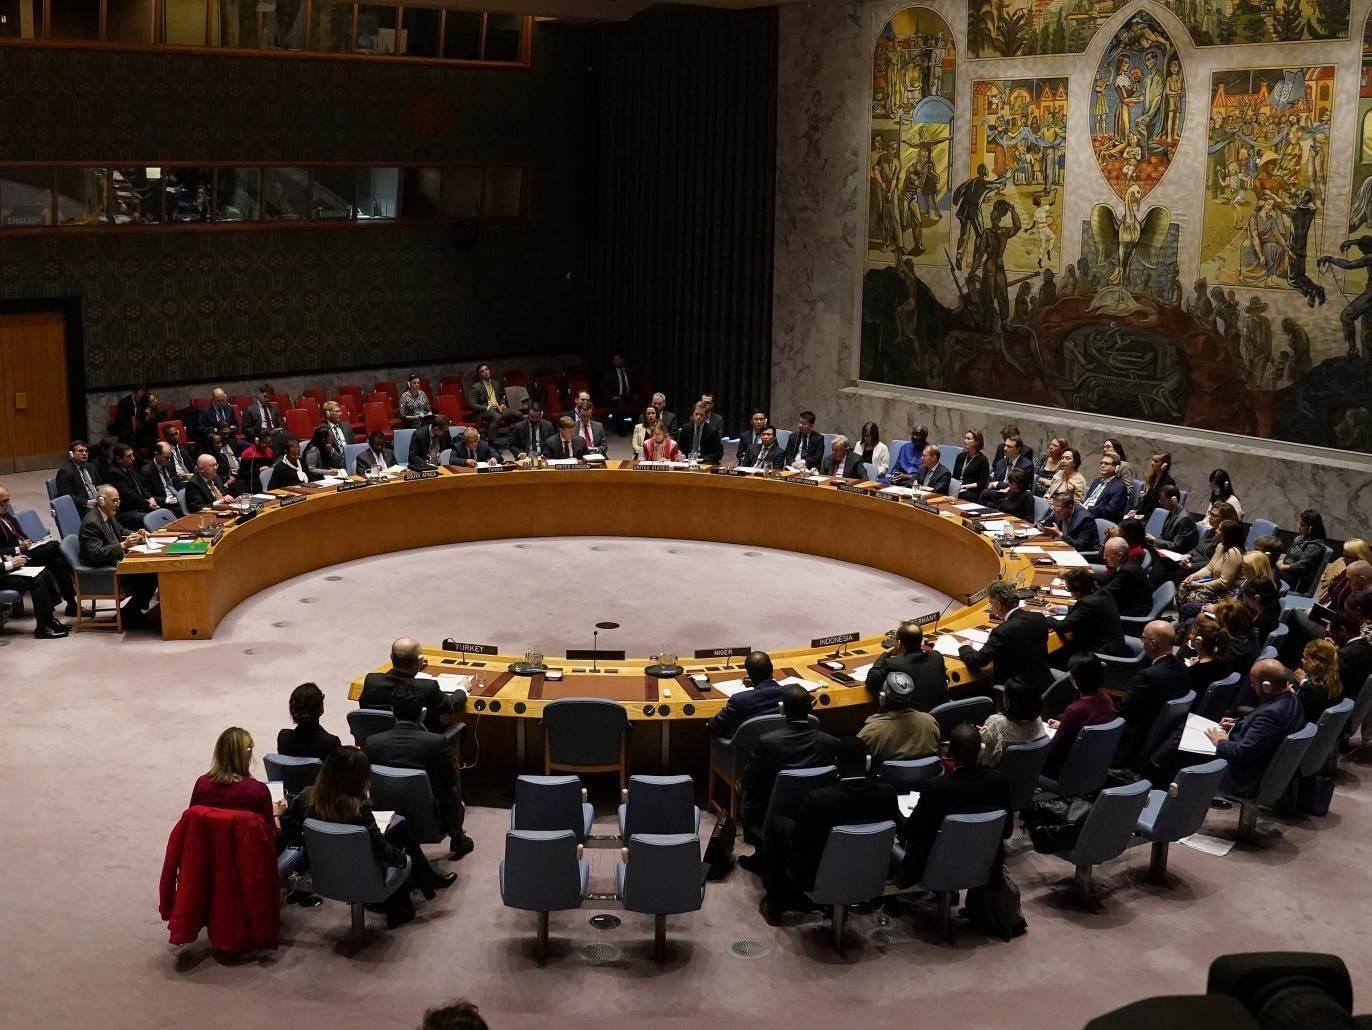 رفض مجلس الأمن الشهر الماضي مشروع قرار أميركي لتمديد حظرِ السلاح المفروضِ على إيران